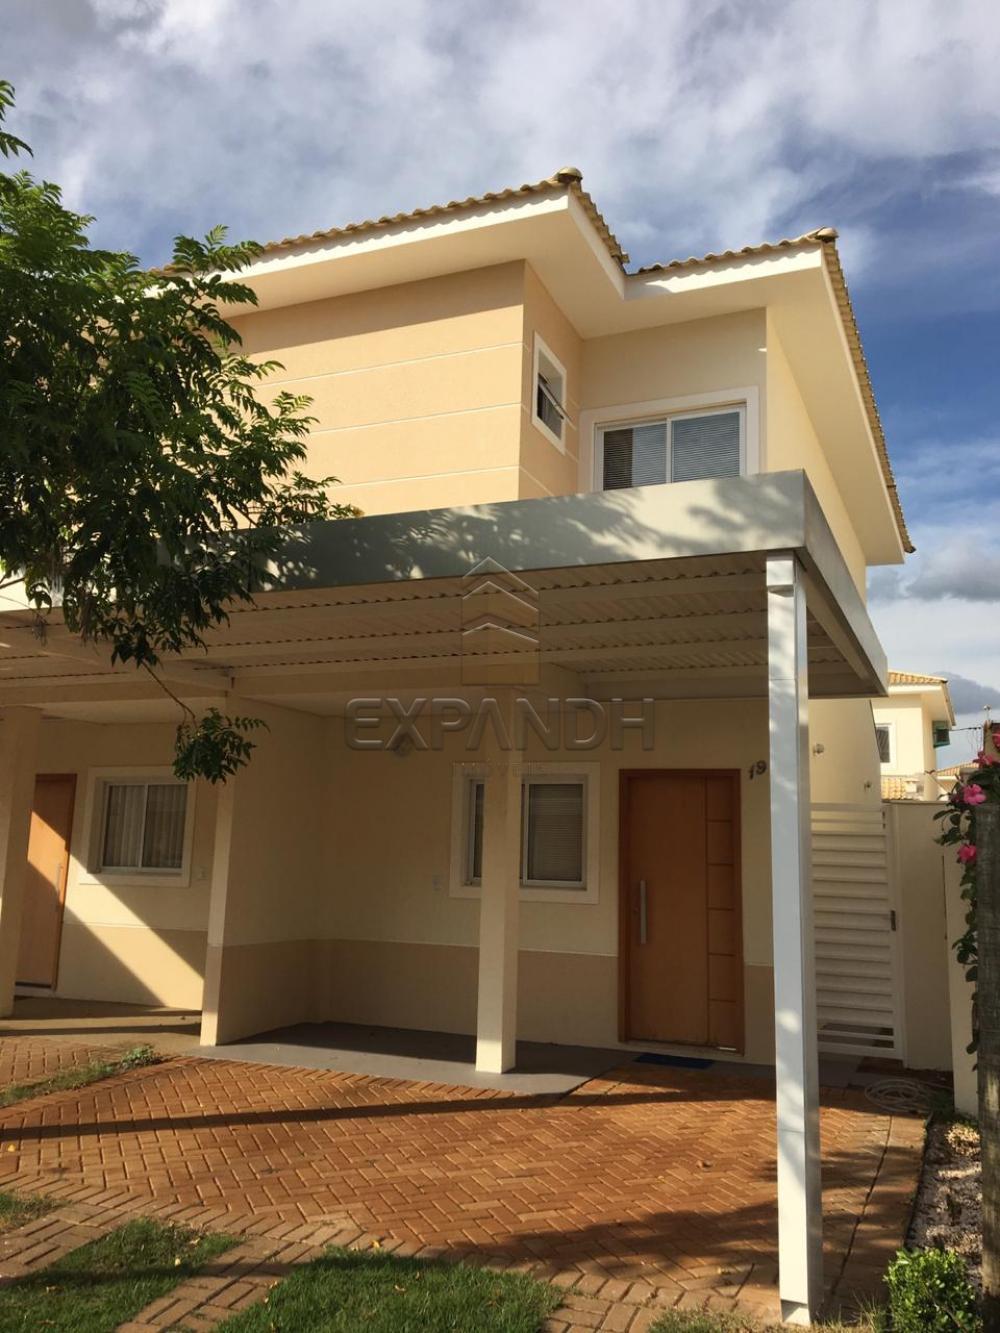 Alugar Casas / Condomínio em Sertãozinho R$ 1.200,00 - Foto 1